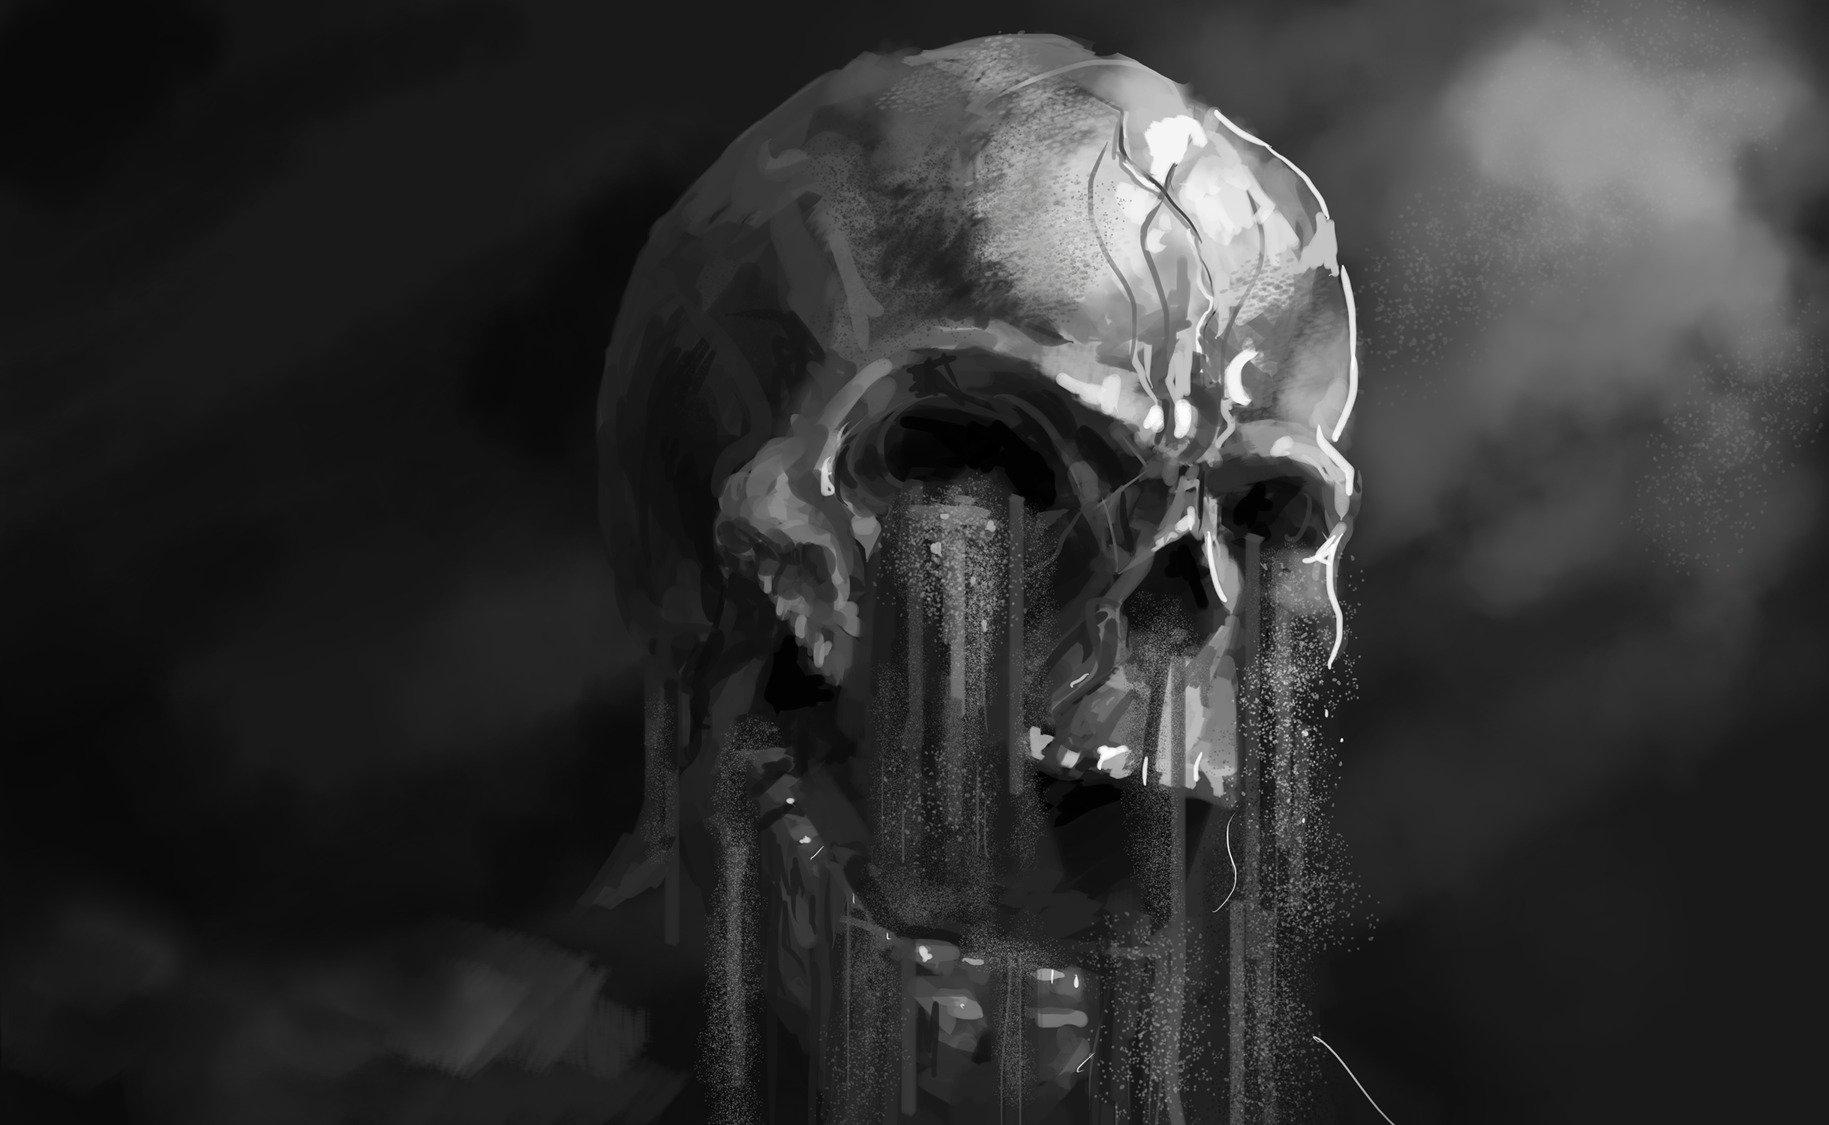 scary black skull wallpaper hq